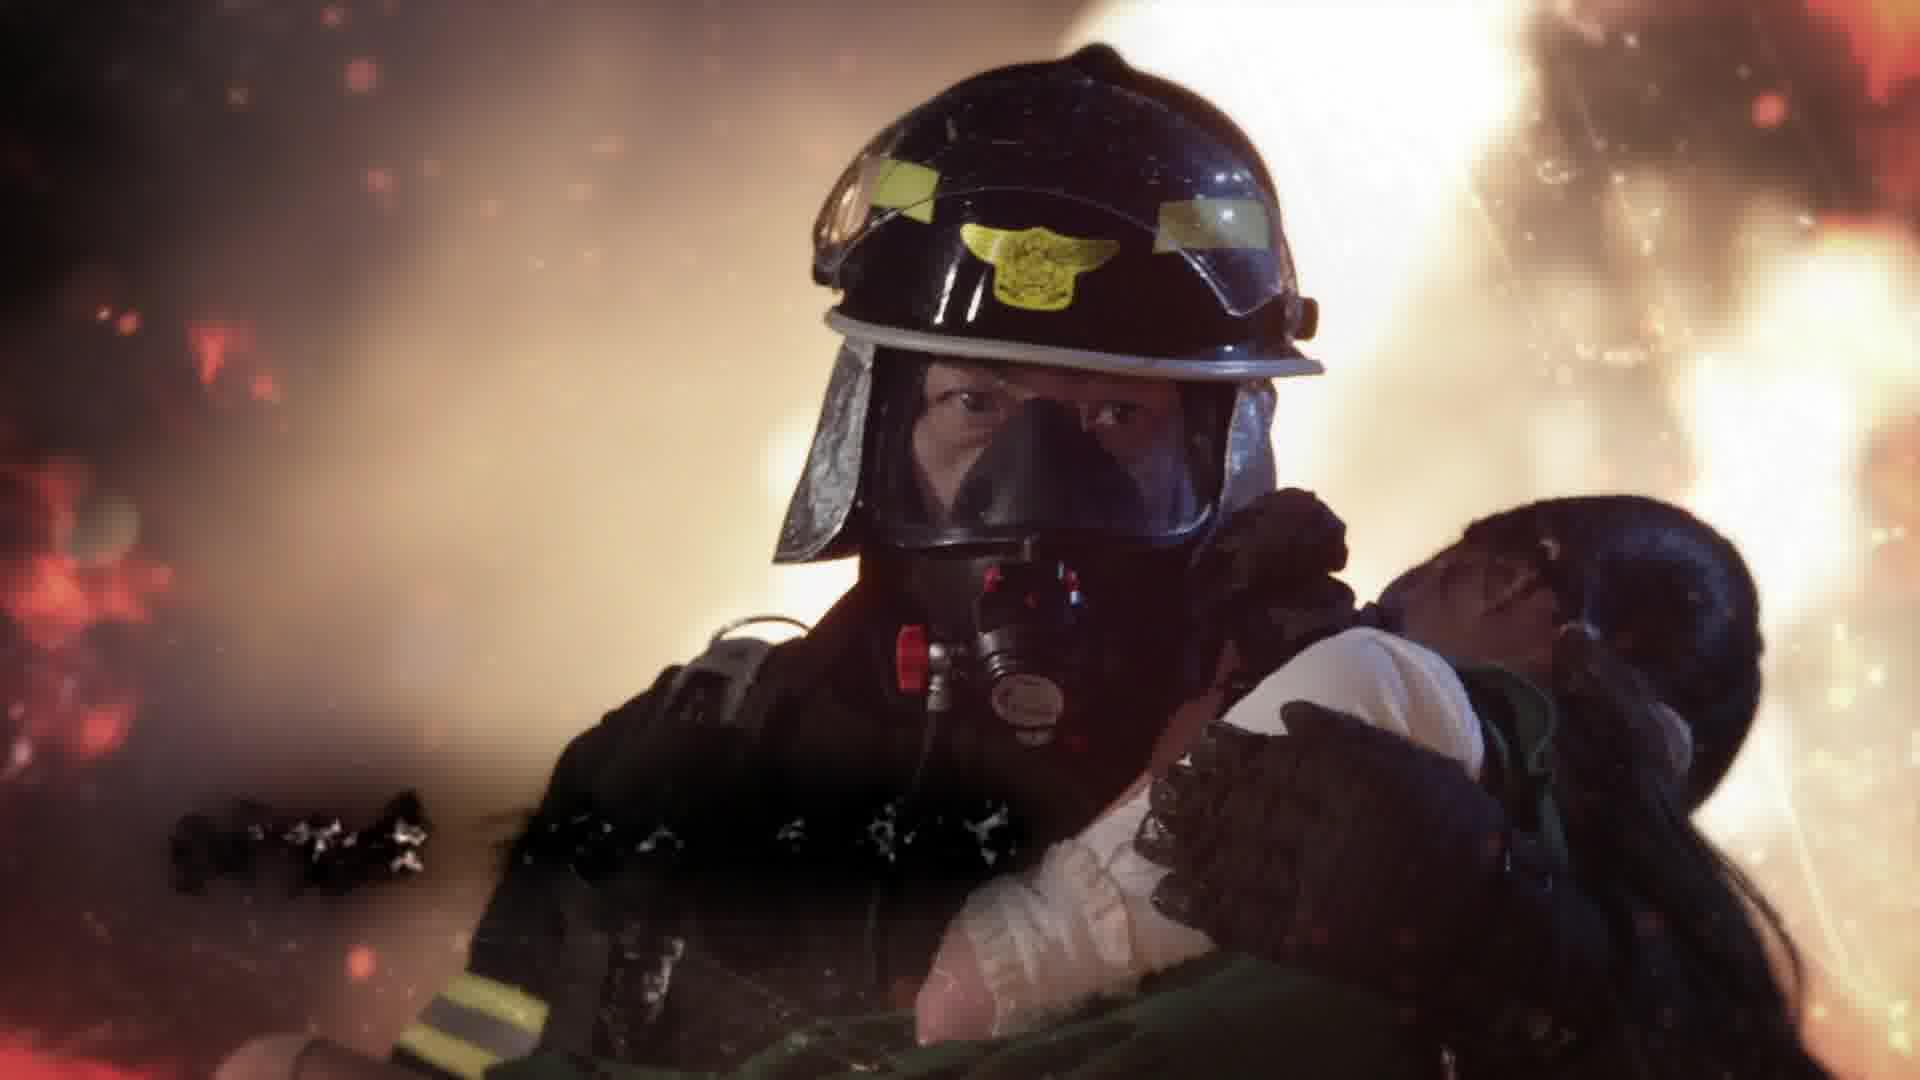 Trailer 3: Naked Fireman